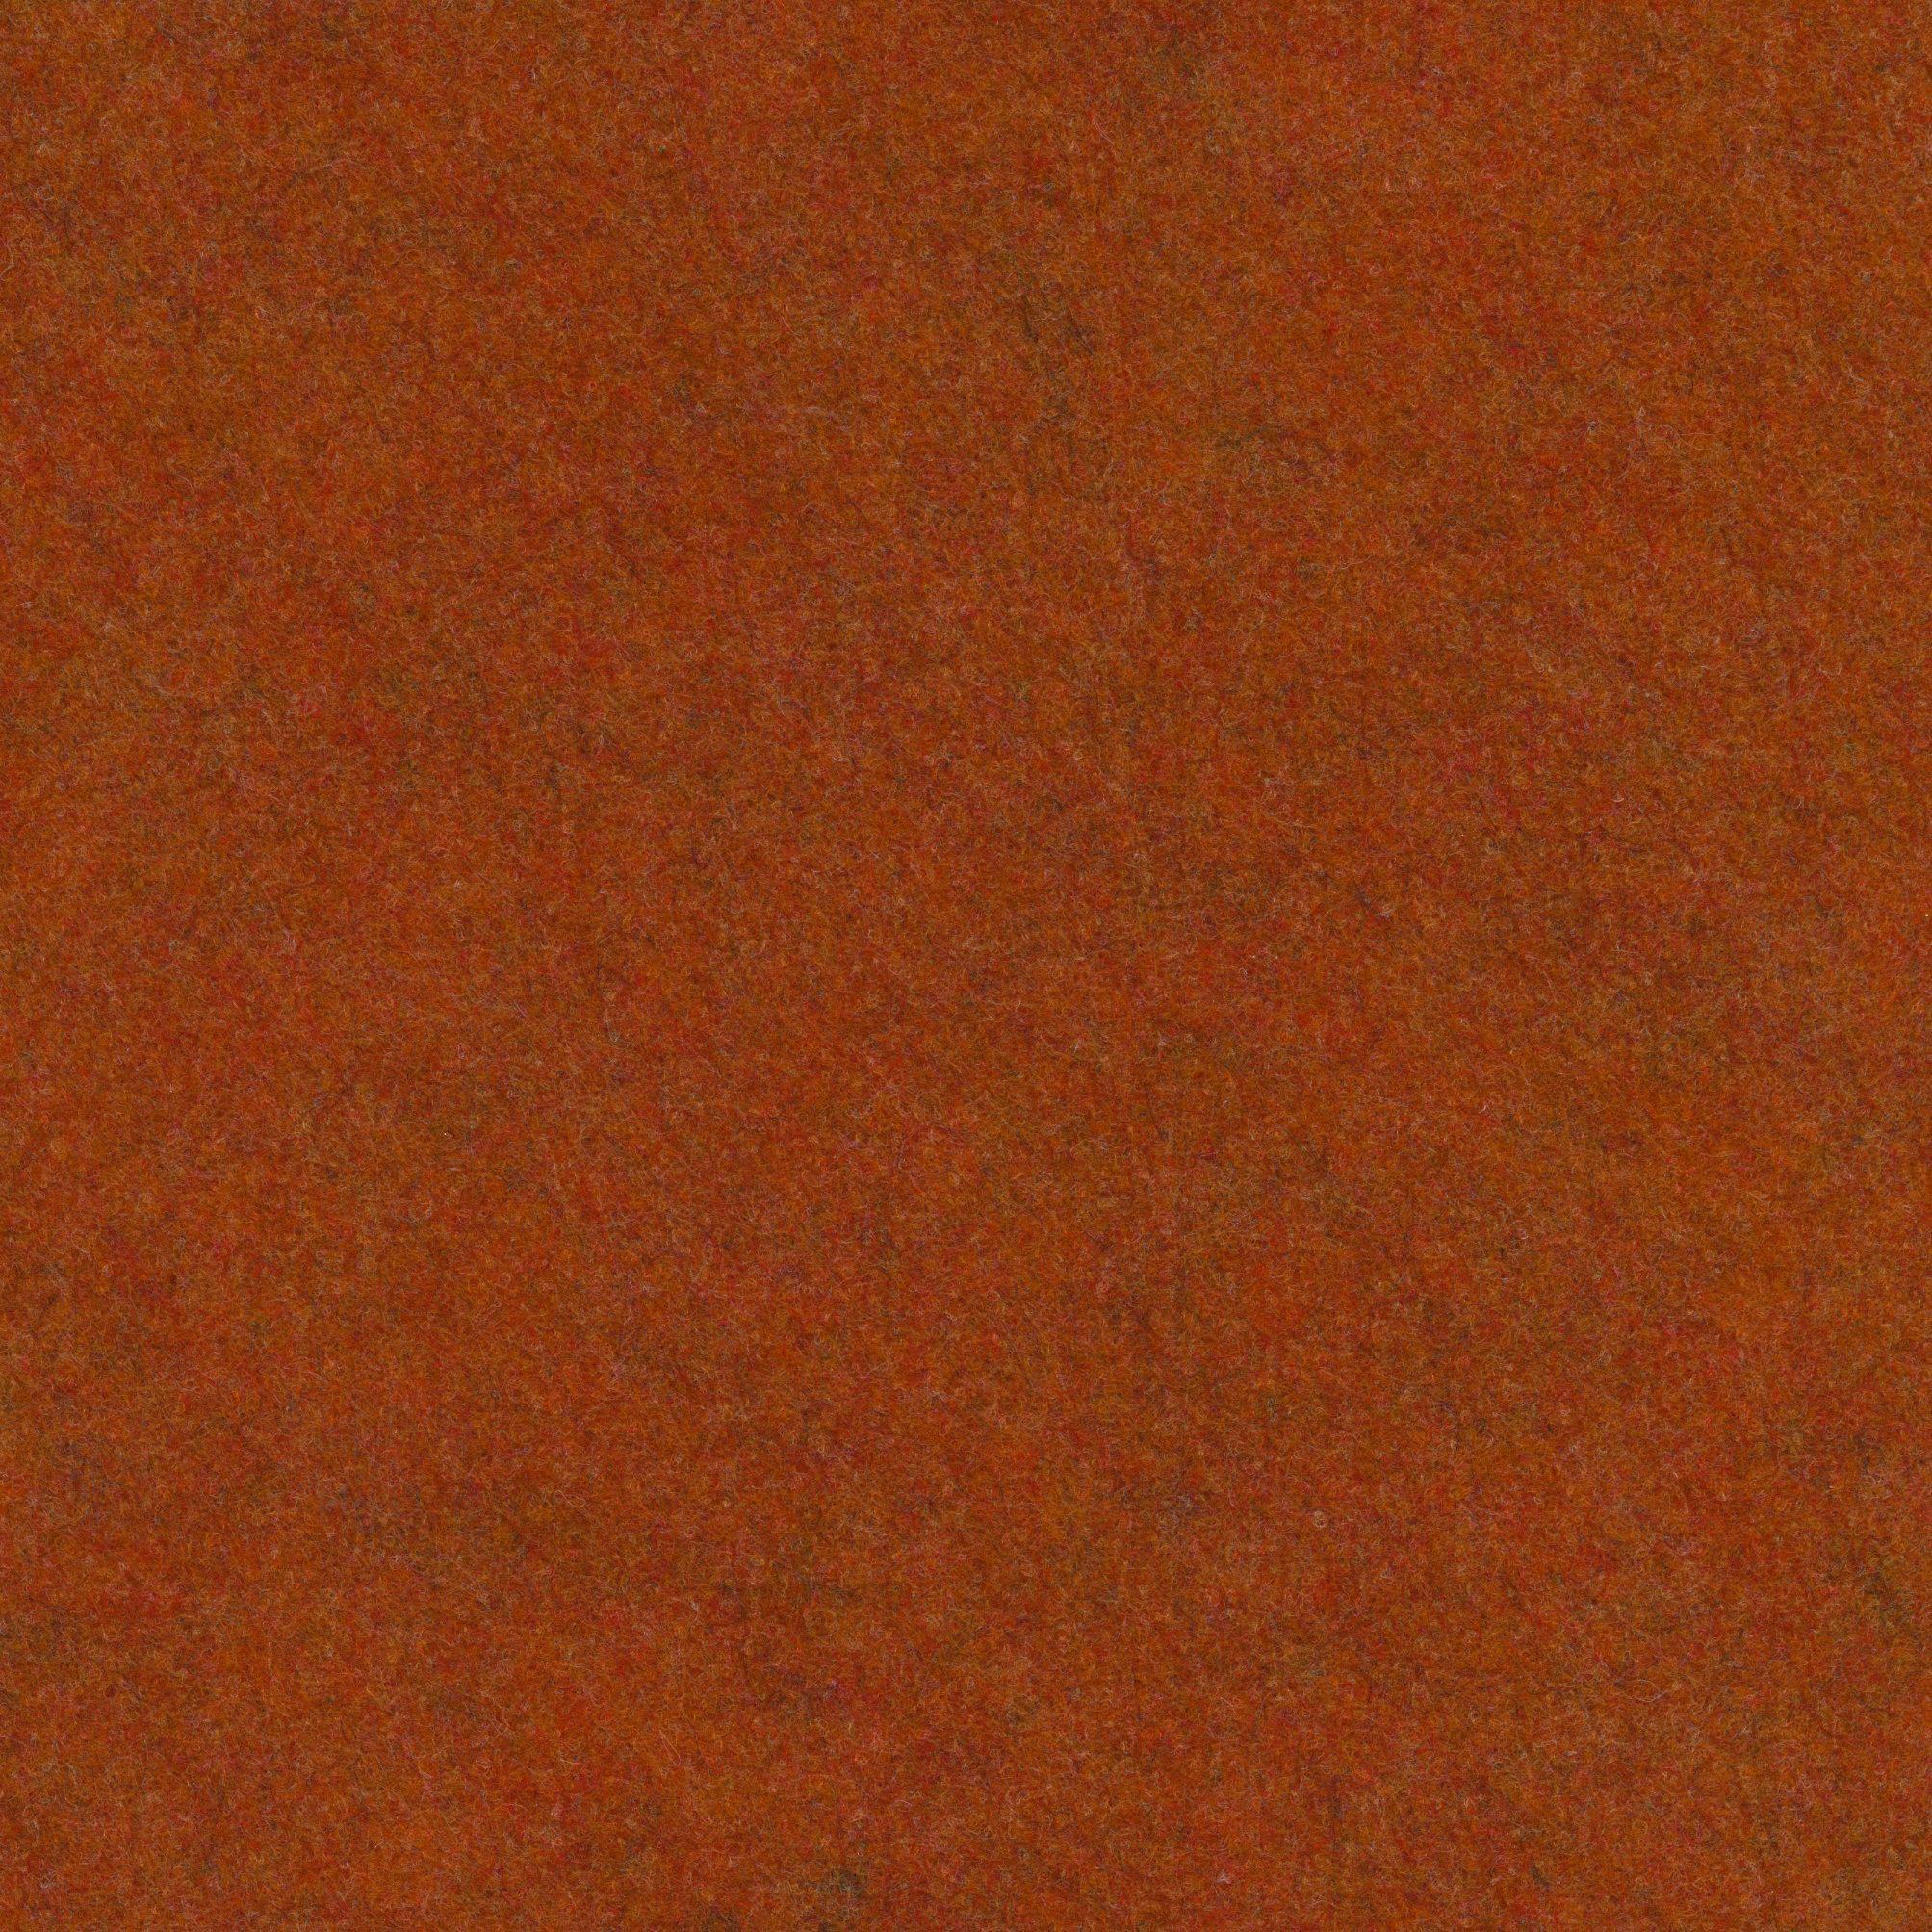 Ecoustic Paprika